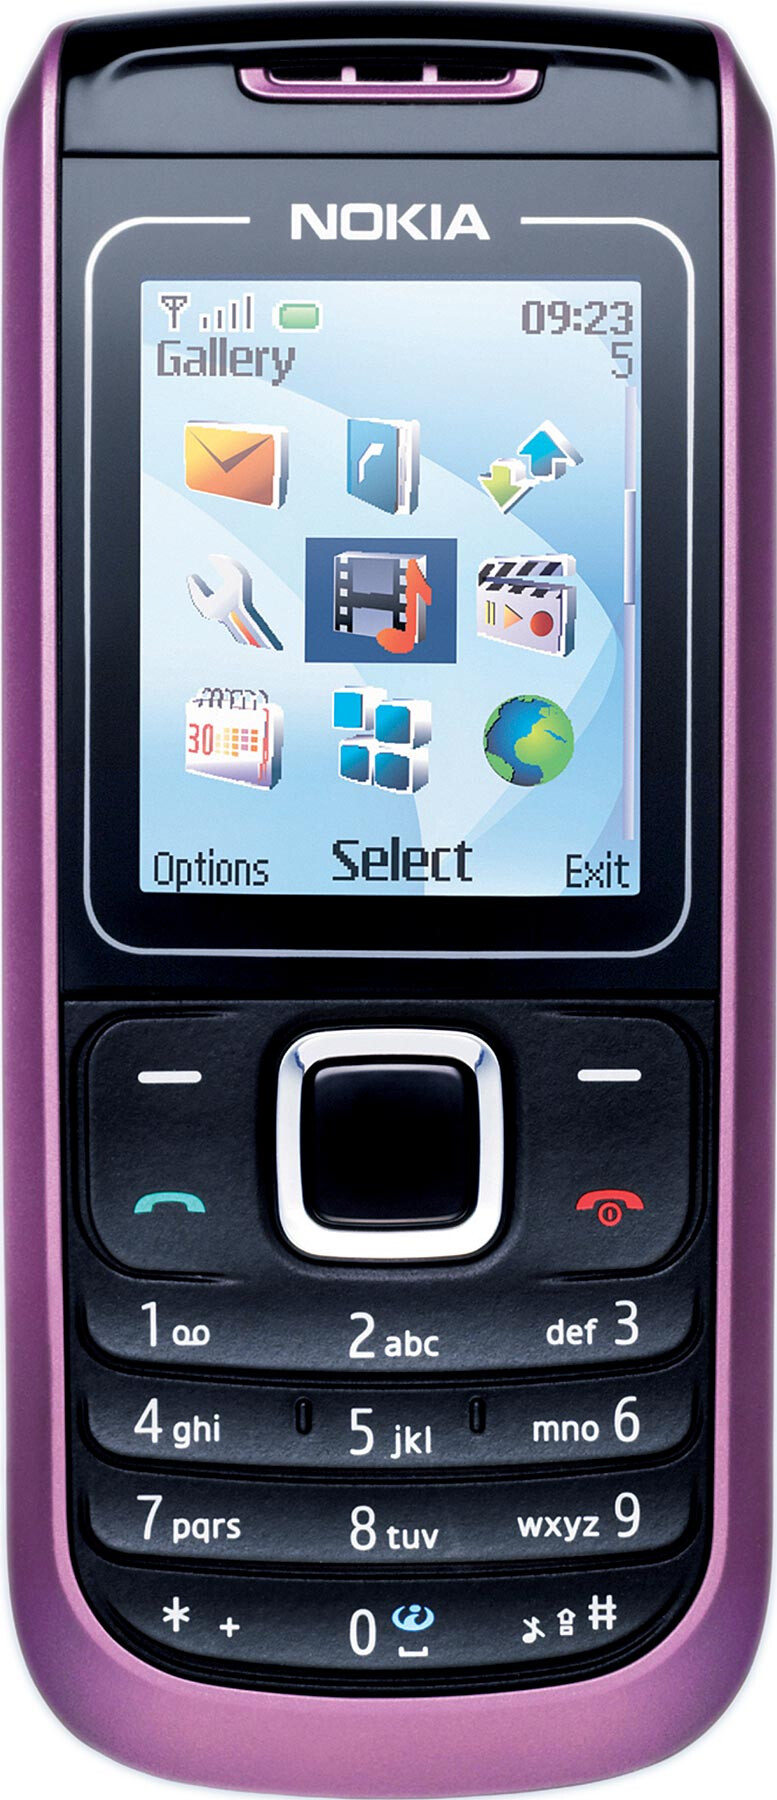 Nokia 1680 classic